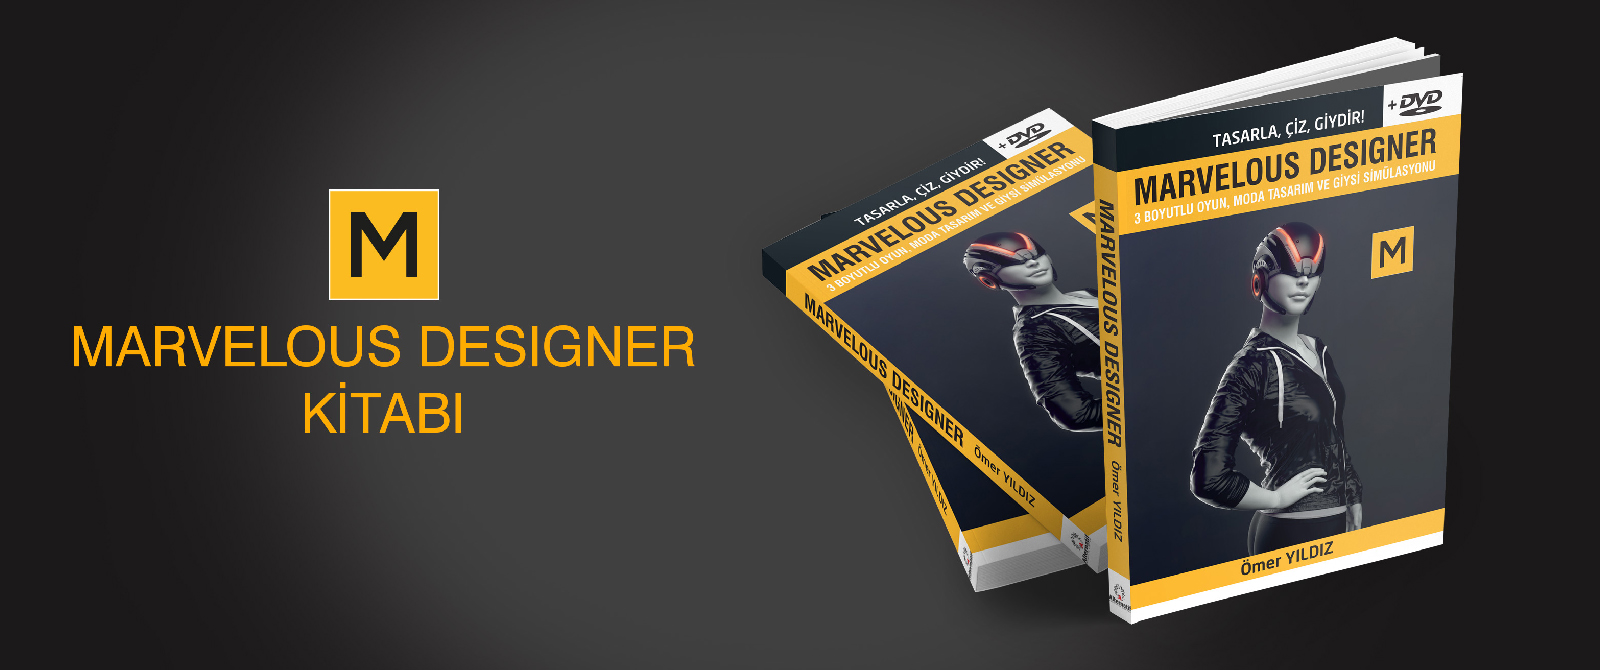 marvalous-designer-kitabi-cikti